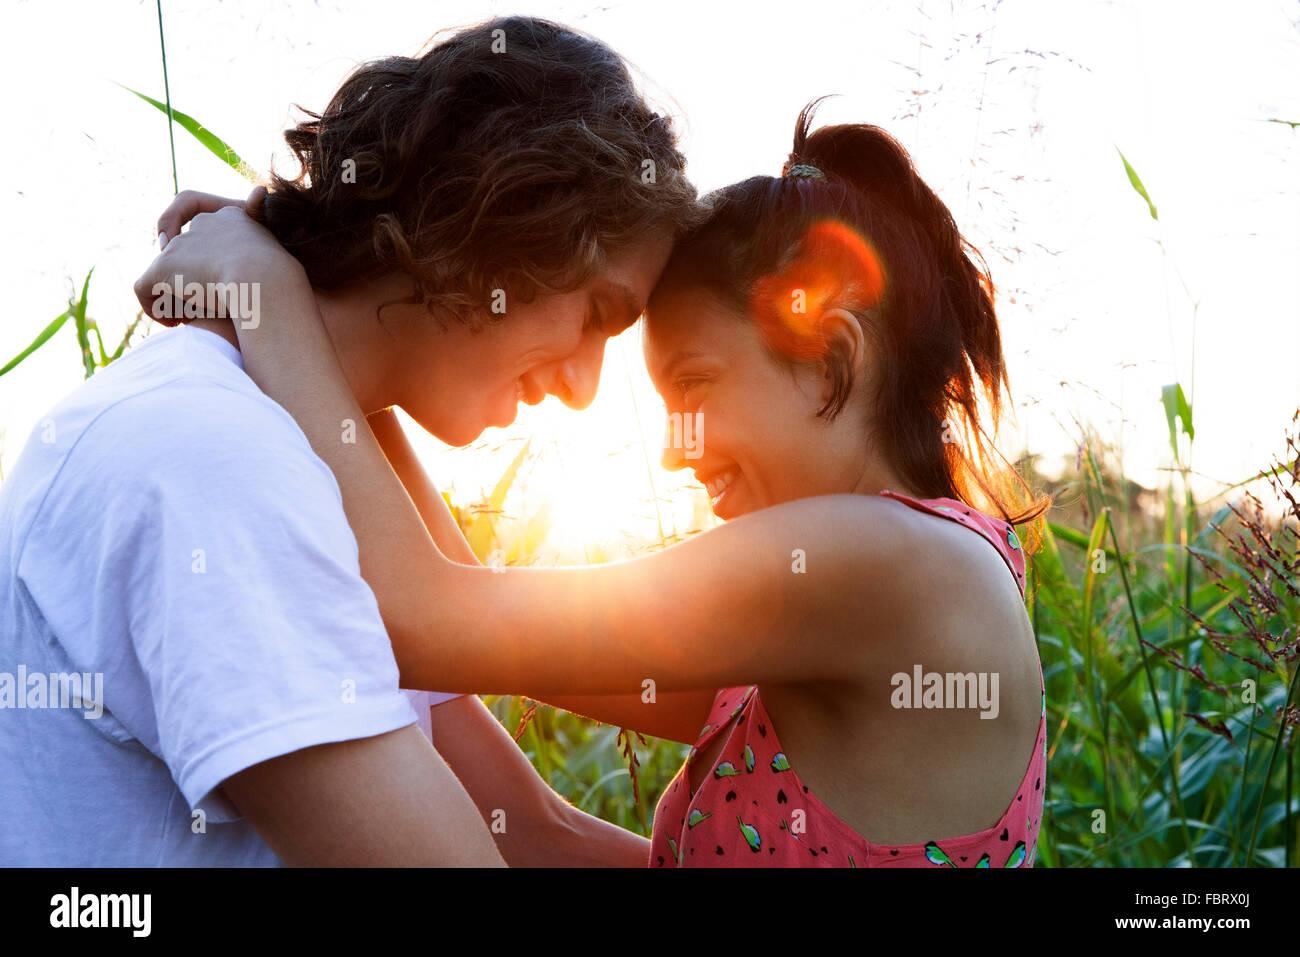 Coppia giovane abbracciando, toccando fronte Immagini Stock